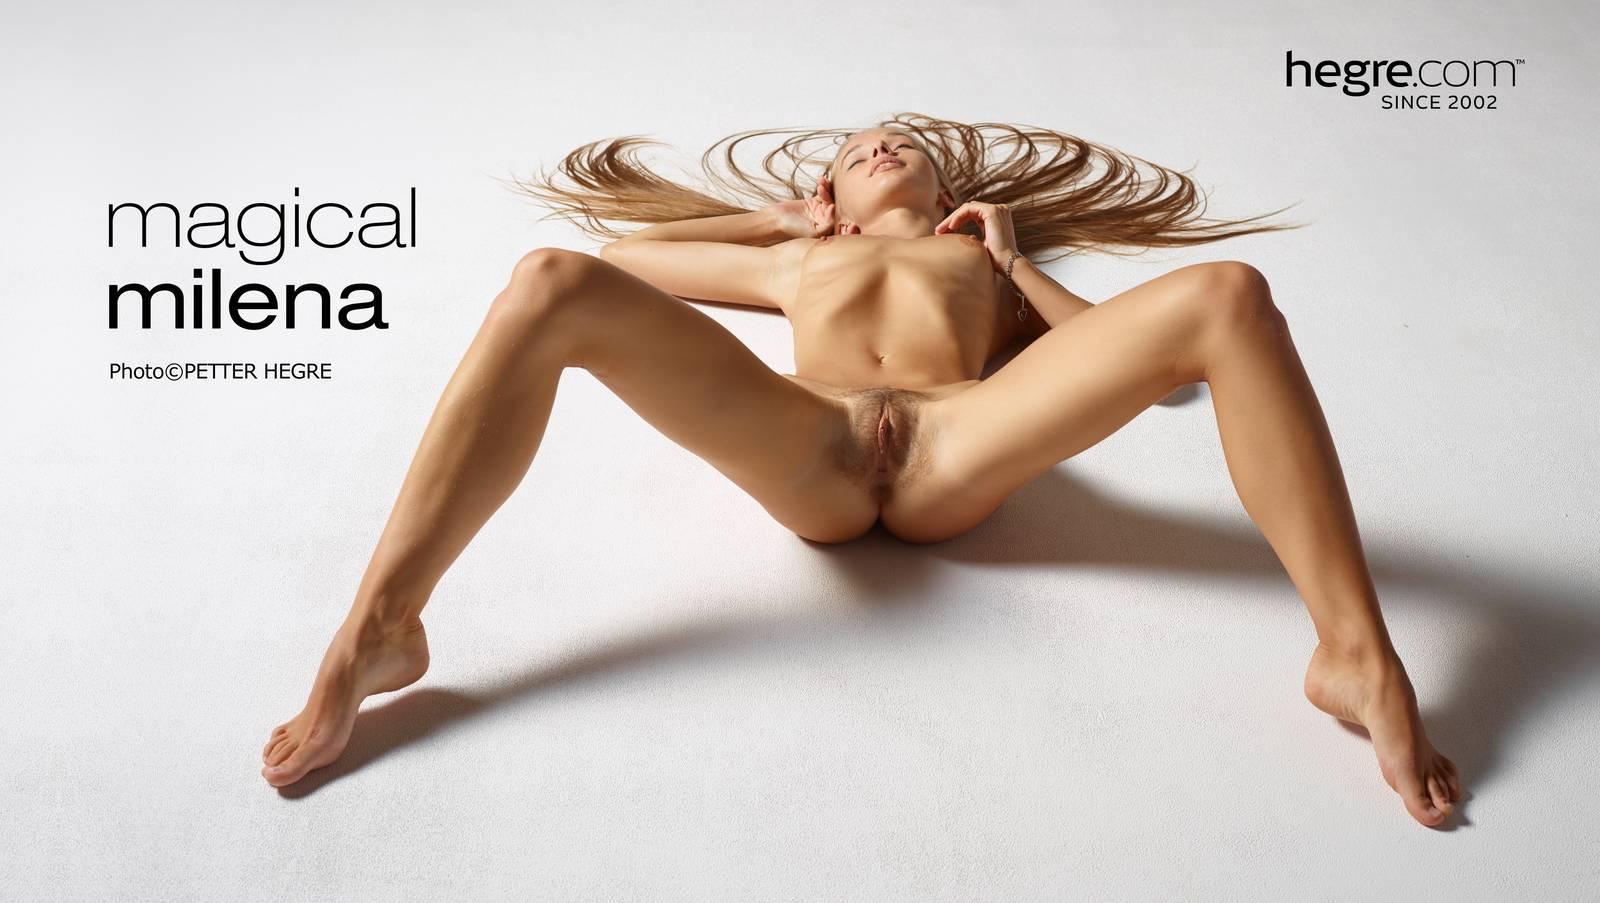 Milena - Hegre.com